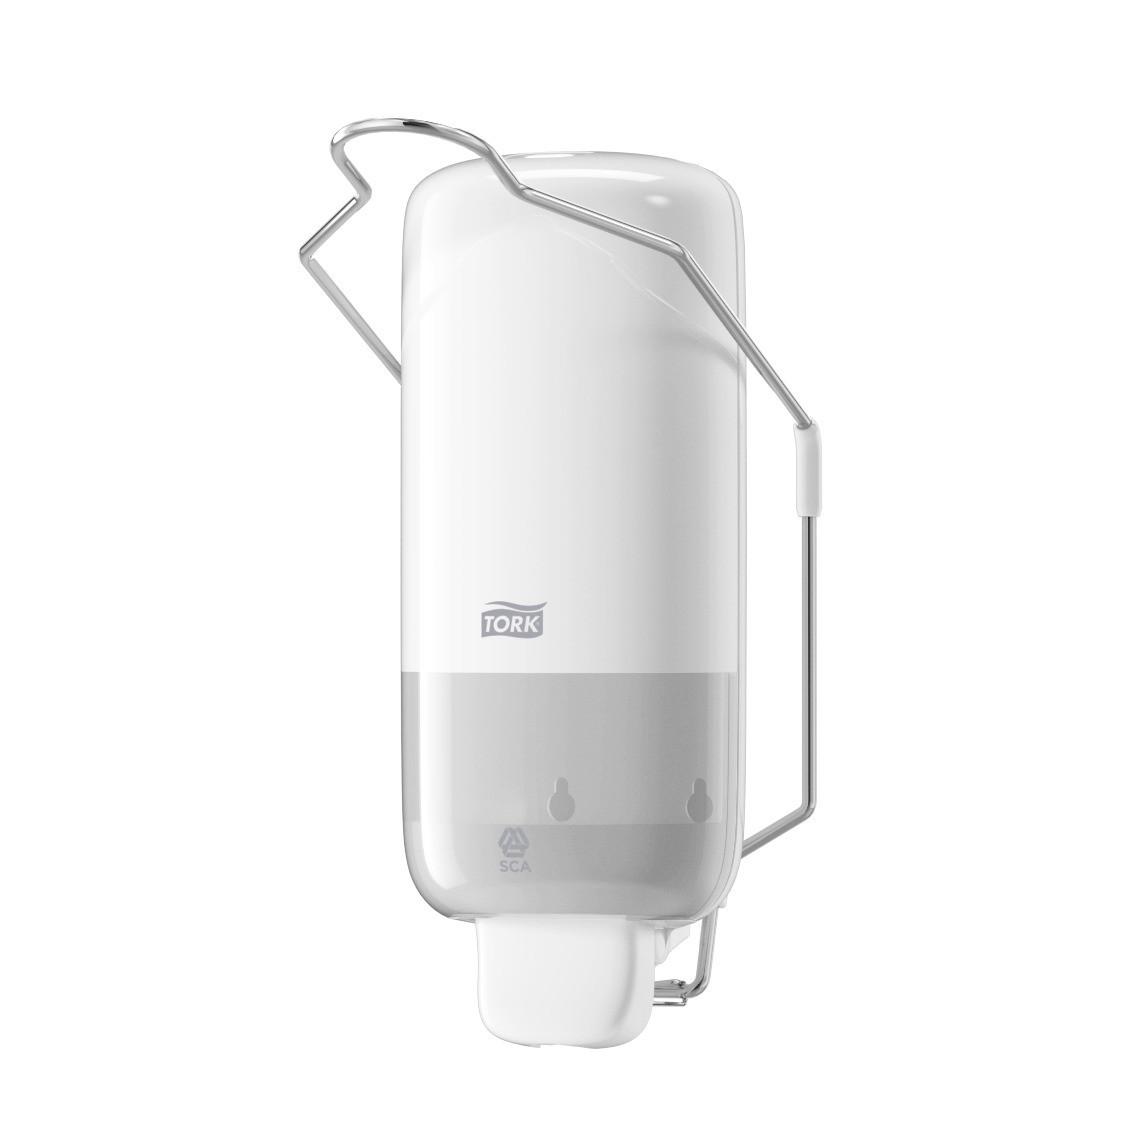 TorkElevation диспенсер для жидкого мыла с локтевым приводом 560100